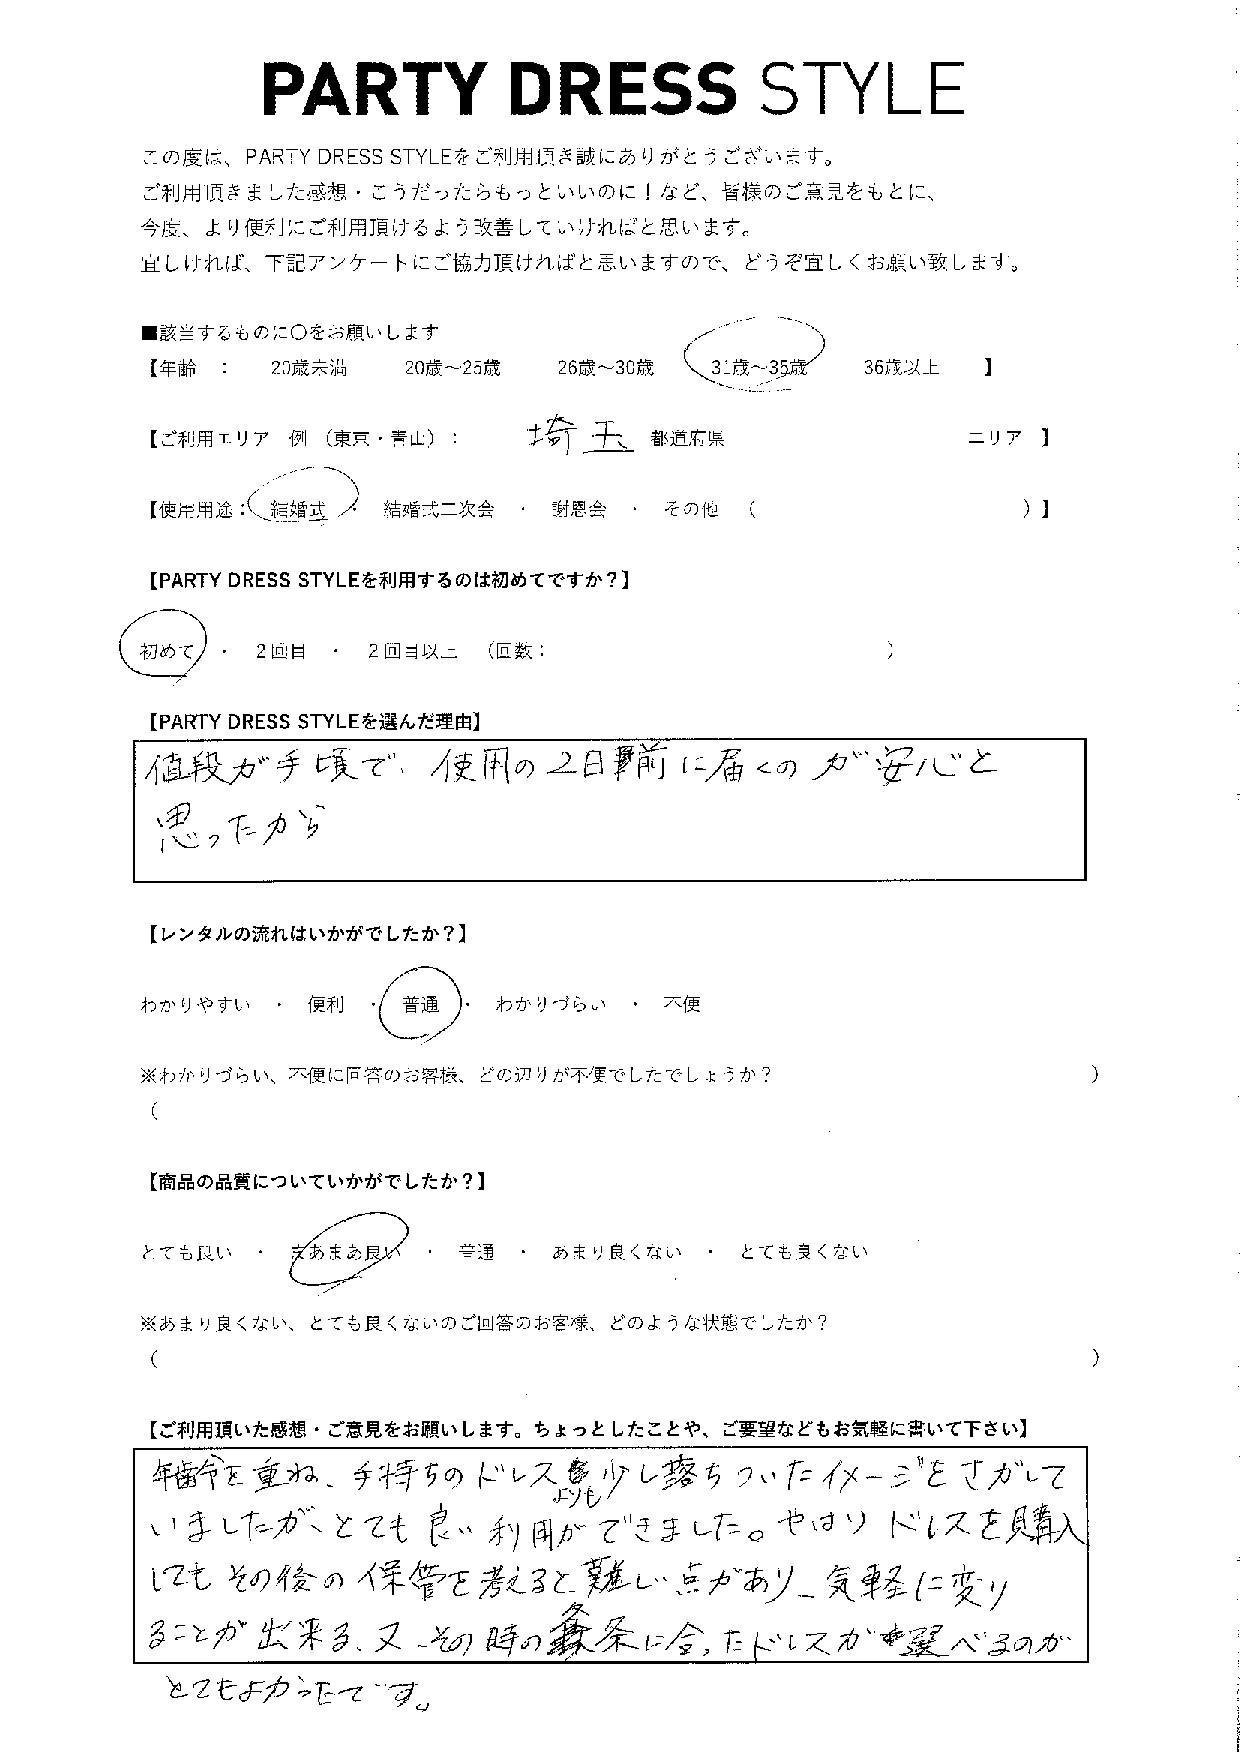 11/2結婚式ご利用 埼玉エリア